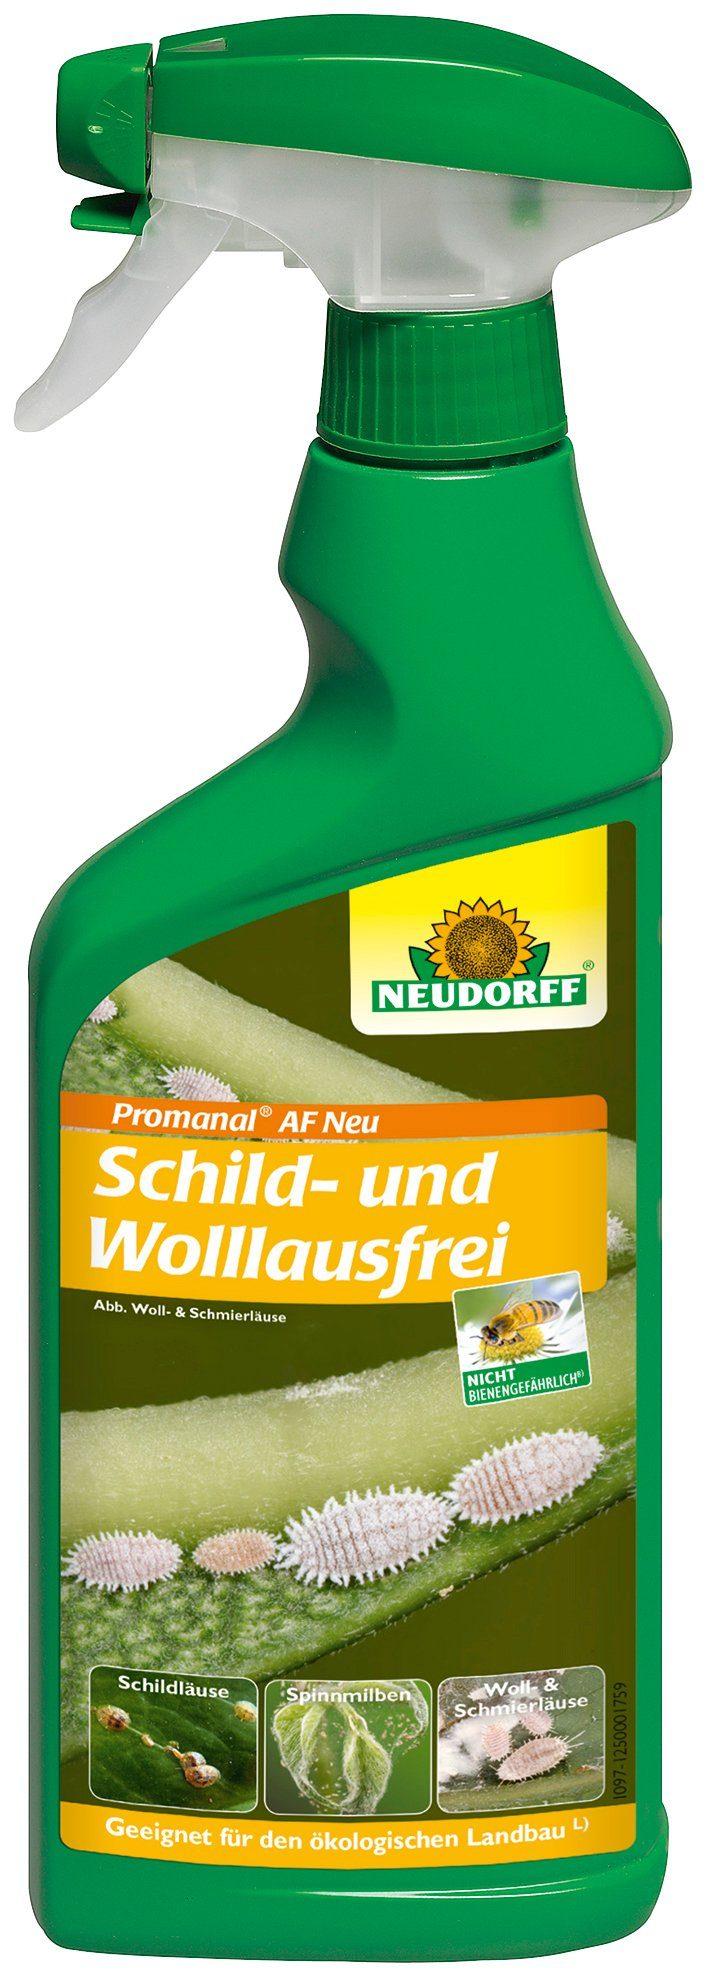 NEUDORFF Pflanzenschutzmittel »Promanal AF Neu Schild- und Wolllausfrei«, 500 ml